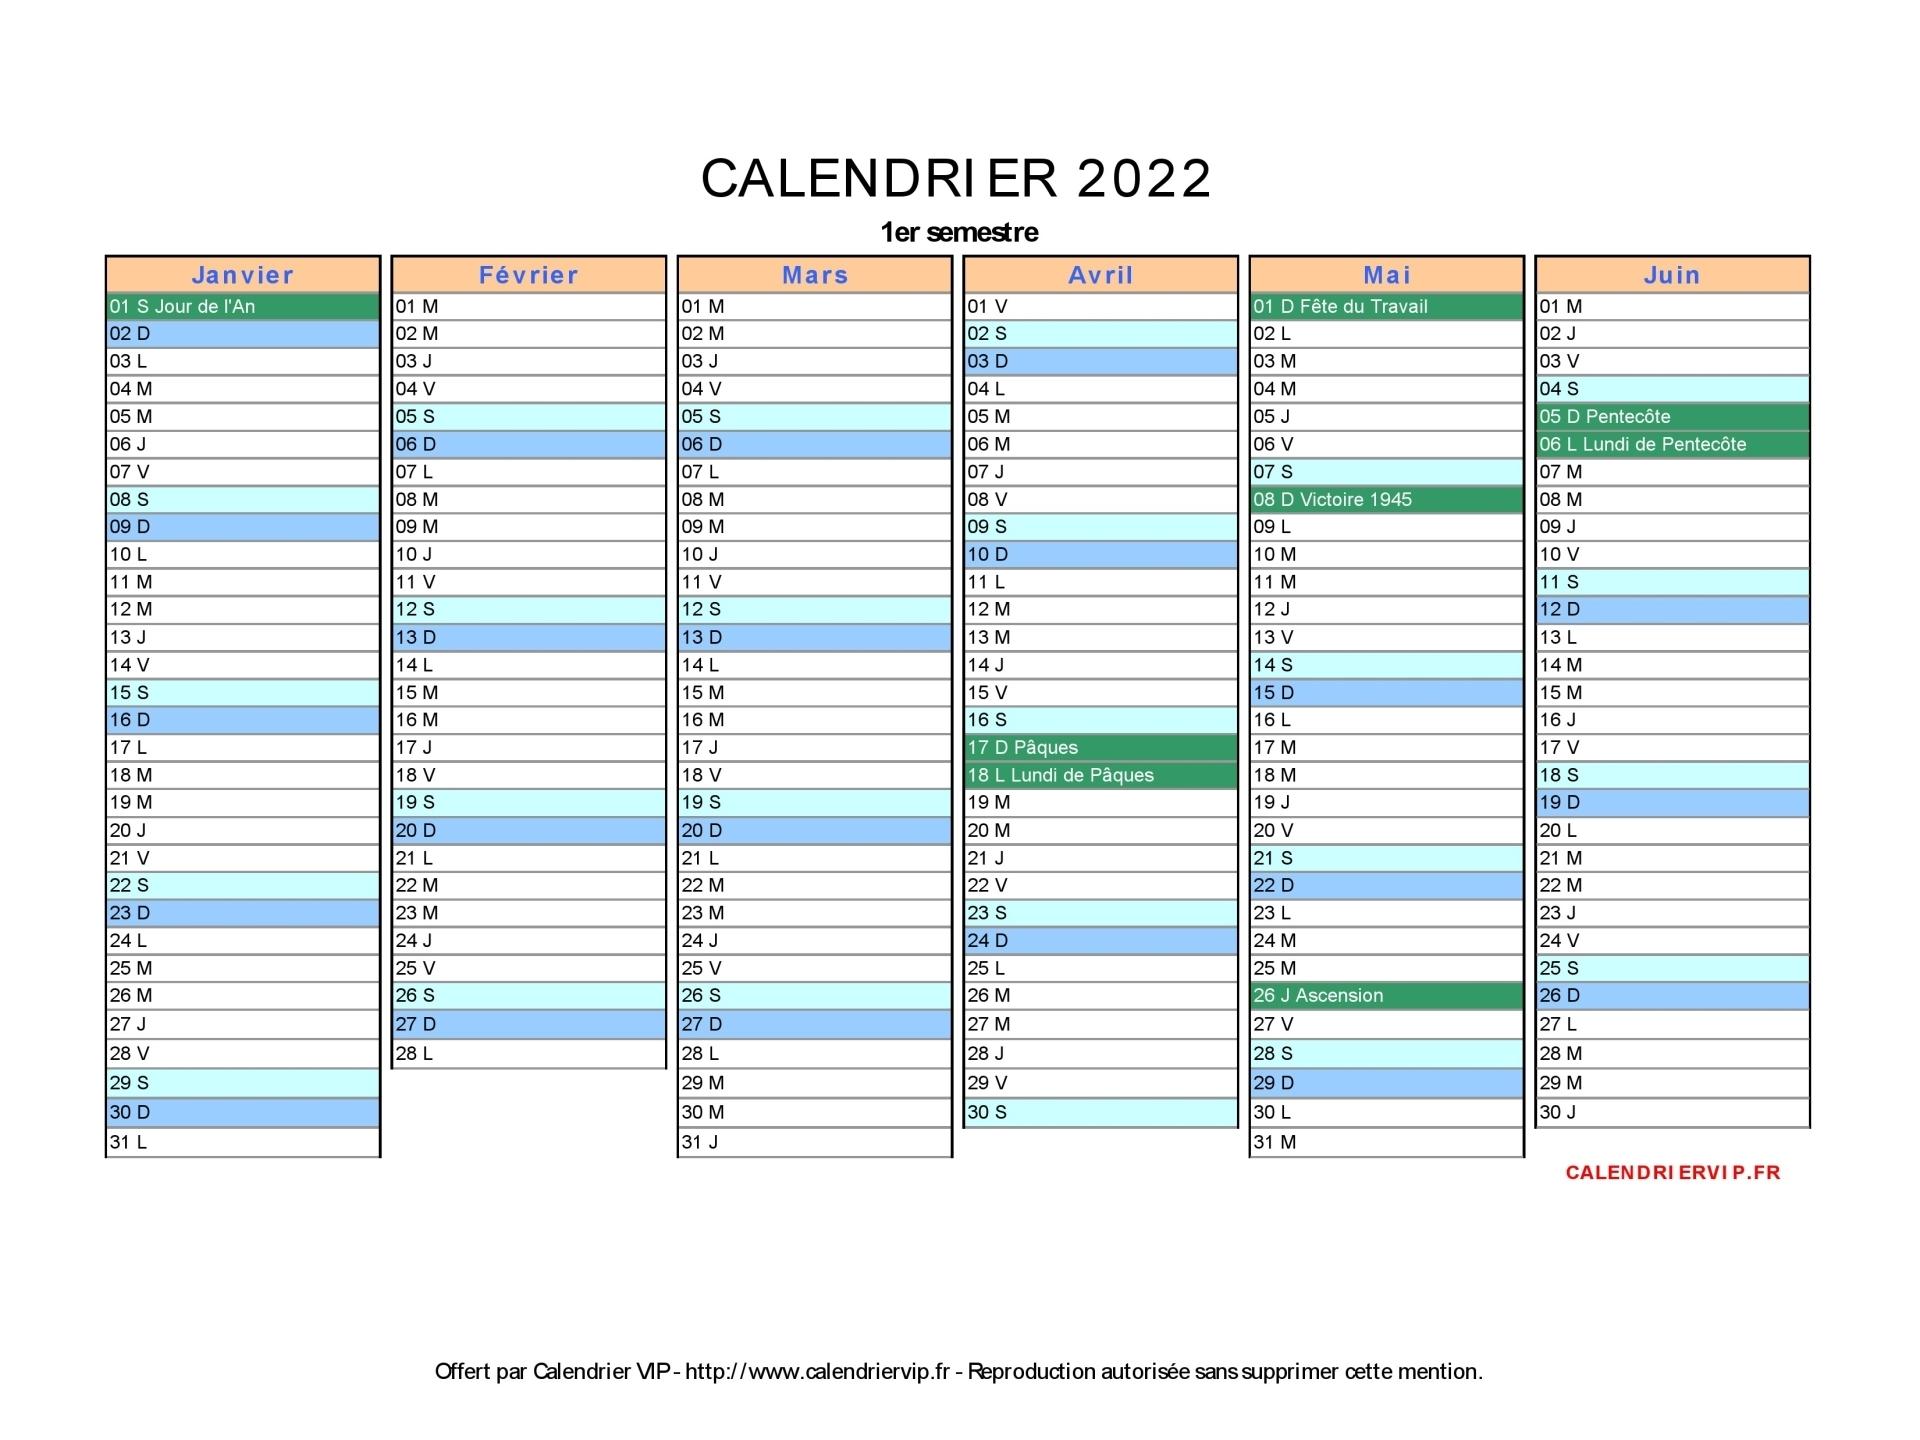 Calendrier 2021 2022 Vierge Calendrier 2022 à imprimer gratuit en PDF et Excel